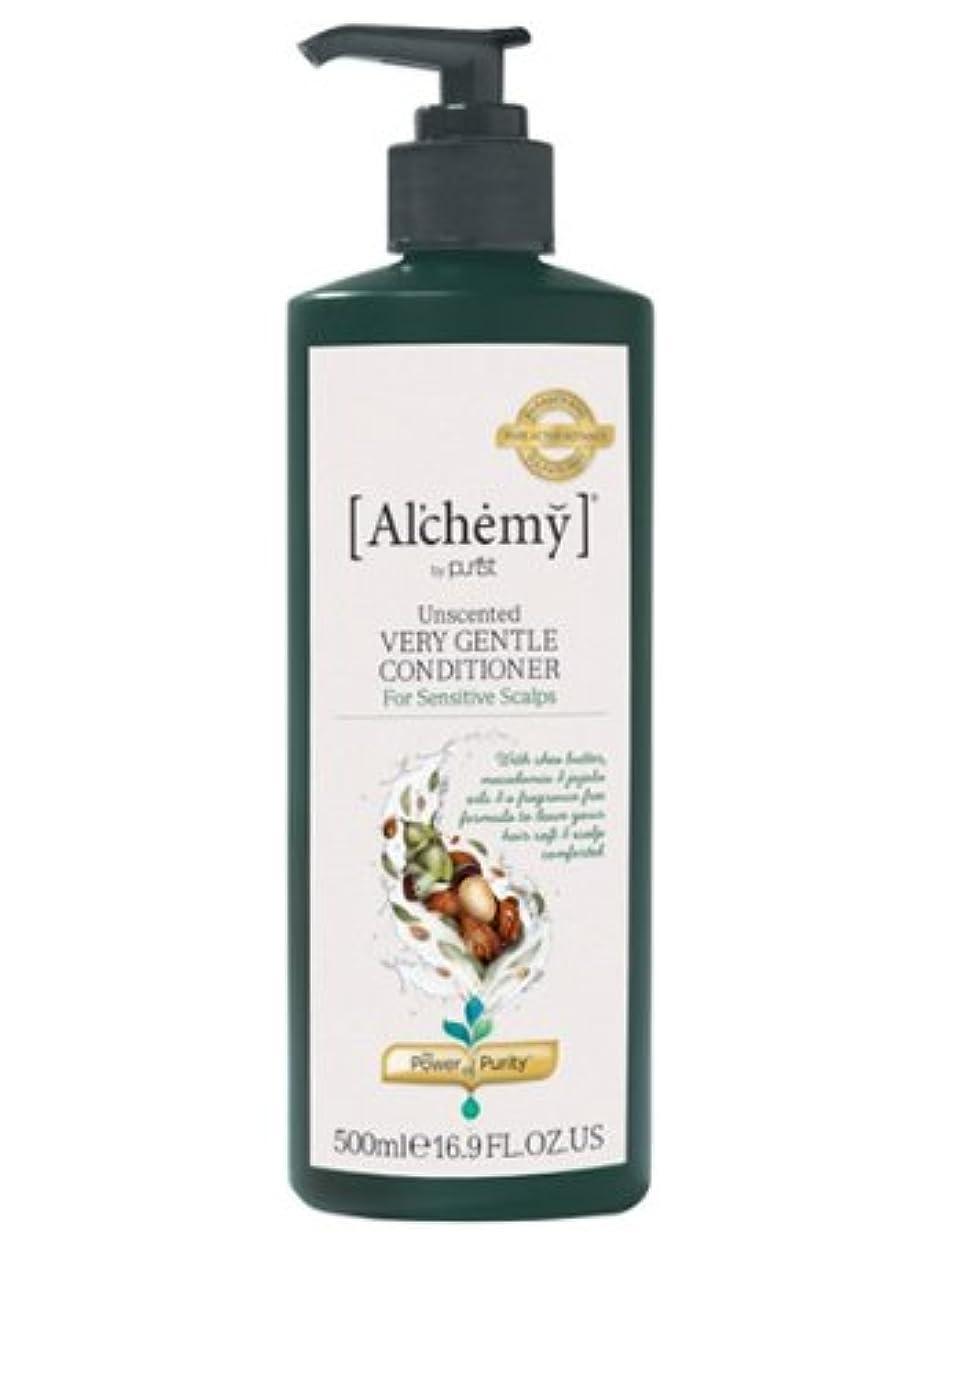 暗殺怒りマリナー【Al'chemy(alchemy)】アルケミー ベリージェントルコンディショナー(Unscented Very Gentle Conditioner)(敏感肌用)500ml